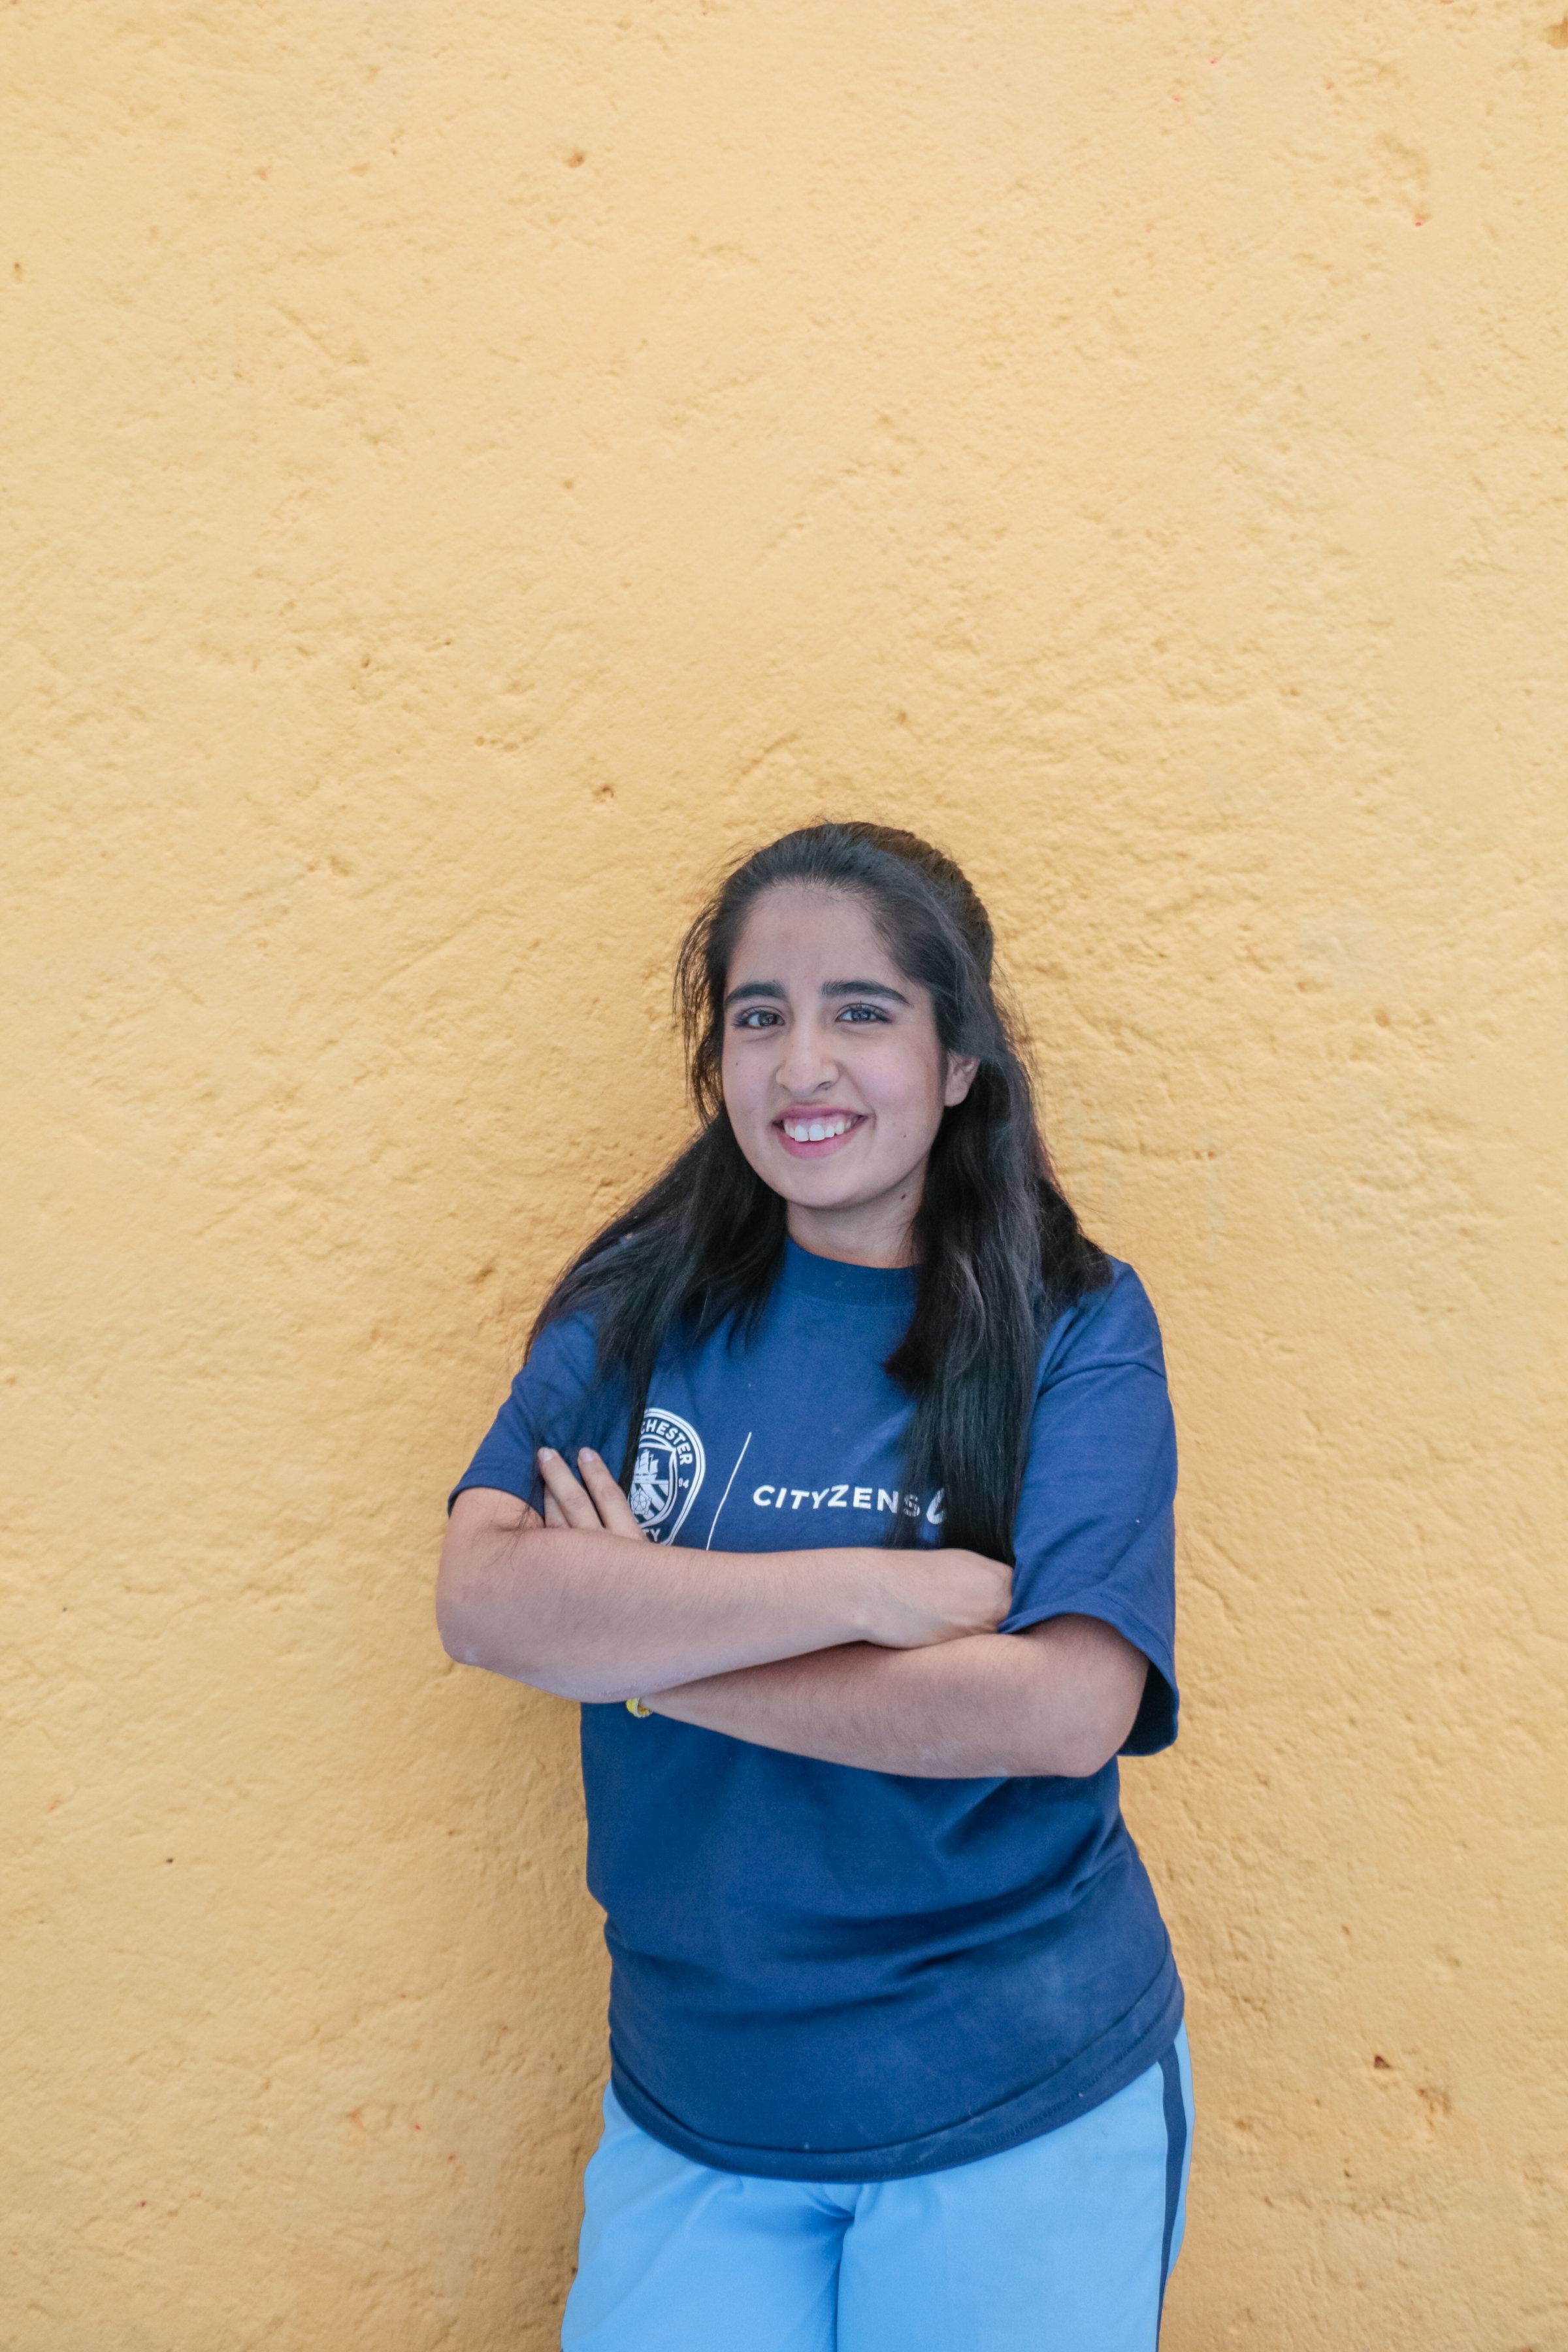 Brenda Gutiérrez,23 anos - É importante pra mim porque conhecemos diferentes costumes, diferentes valores, de diferentes países.Isso nos ajuda a fazer com que nossos campinhos e nossas aulas cresçam. Nós ensinamos e também recebemos conhecimento para sermos cada vez melhores.